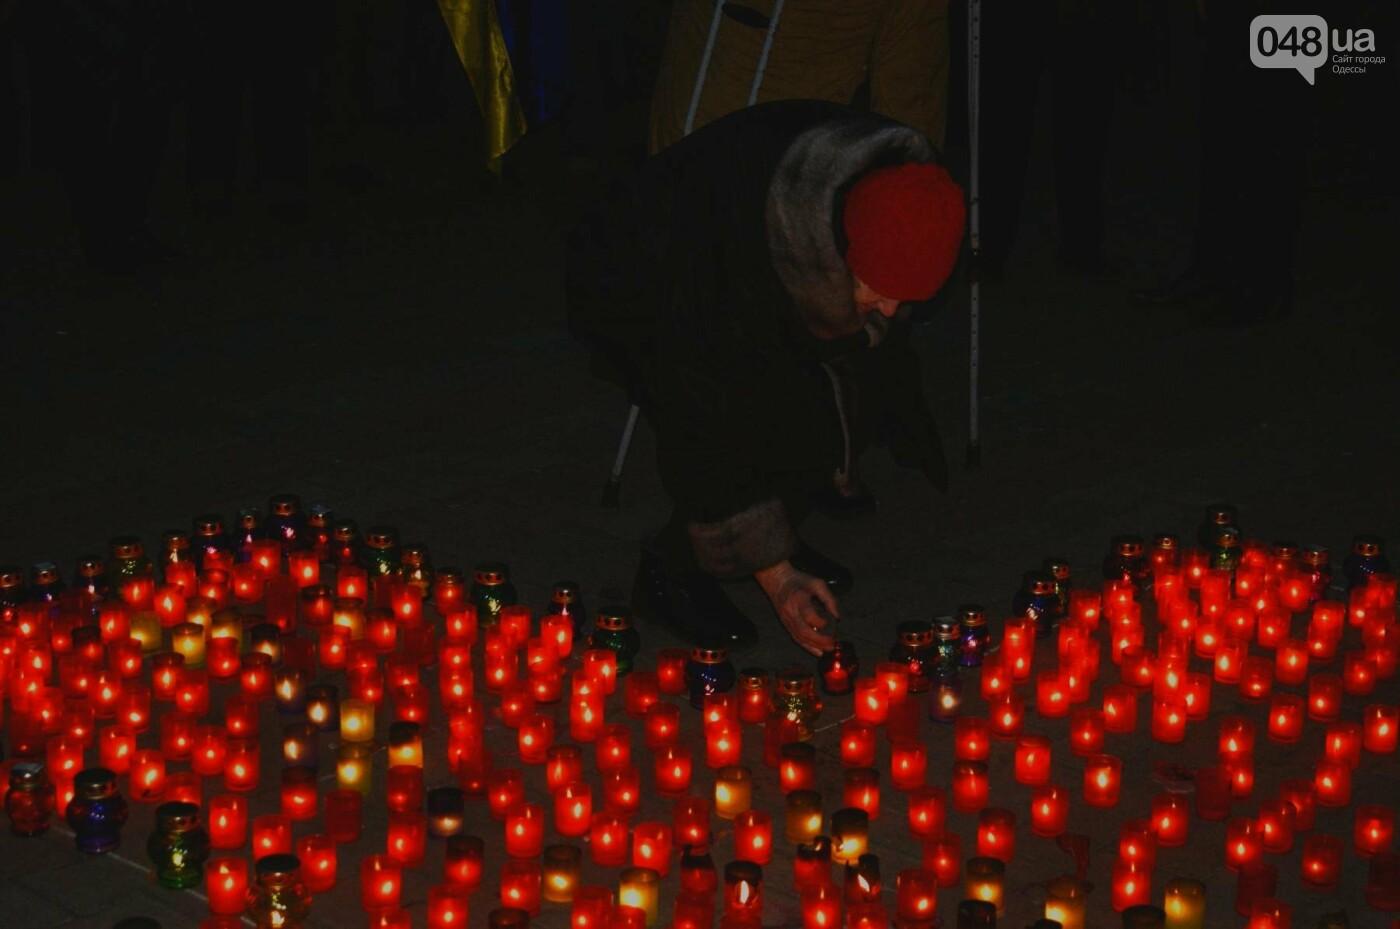 Одесситы провели трогательную акцию (ФОТО, ВИДЕО), фото-4